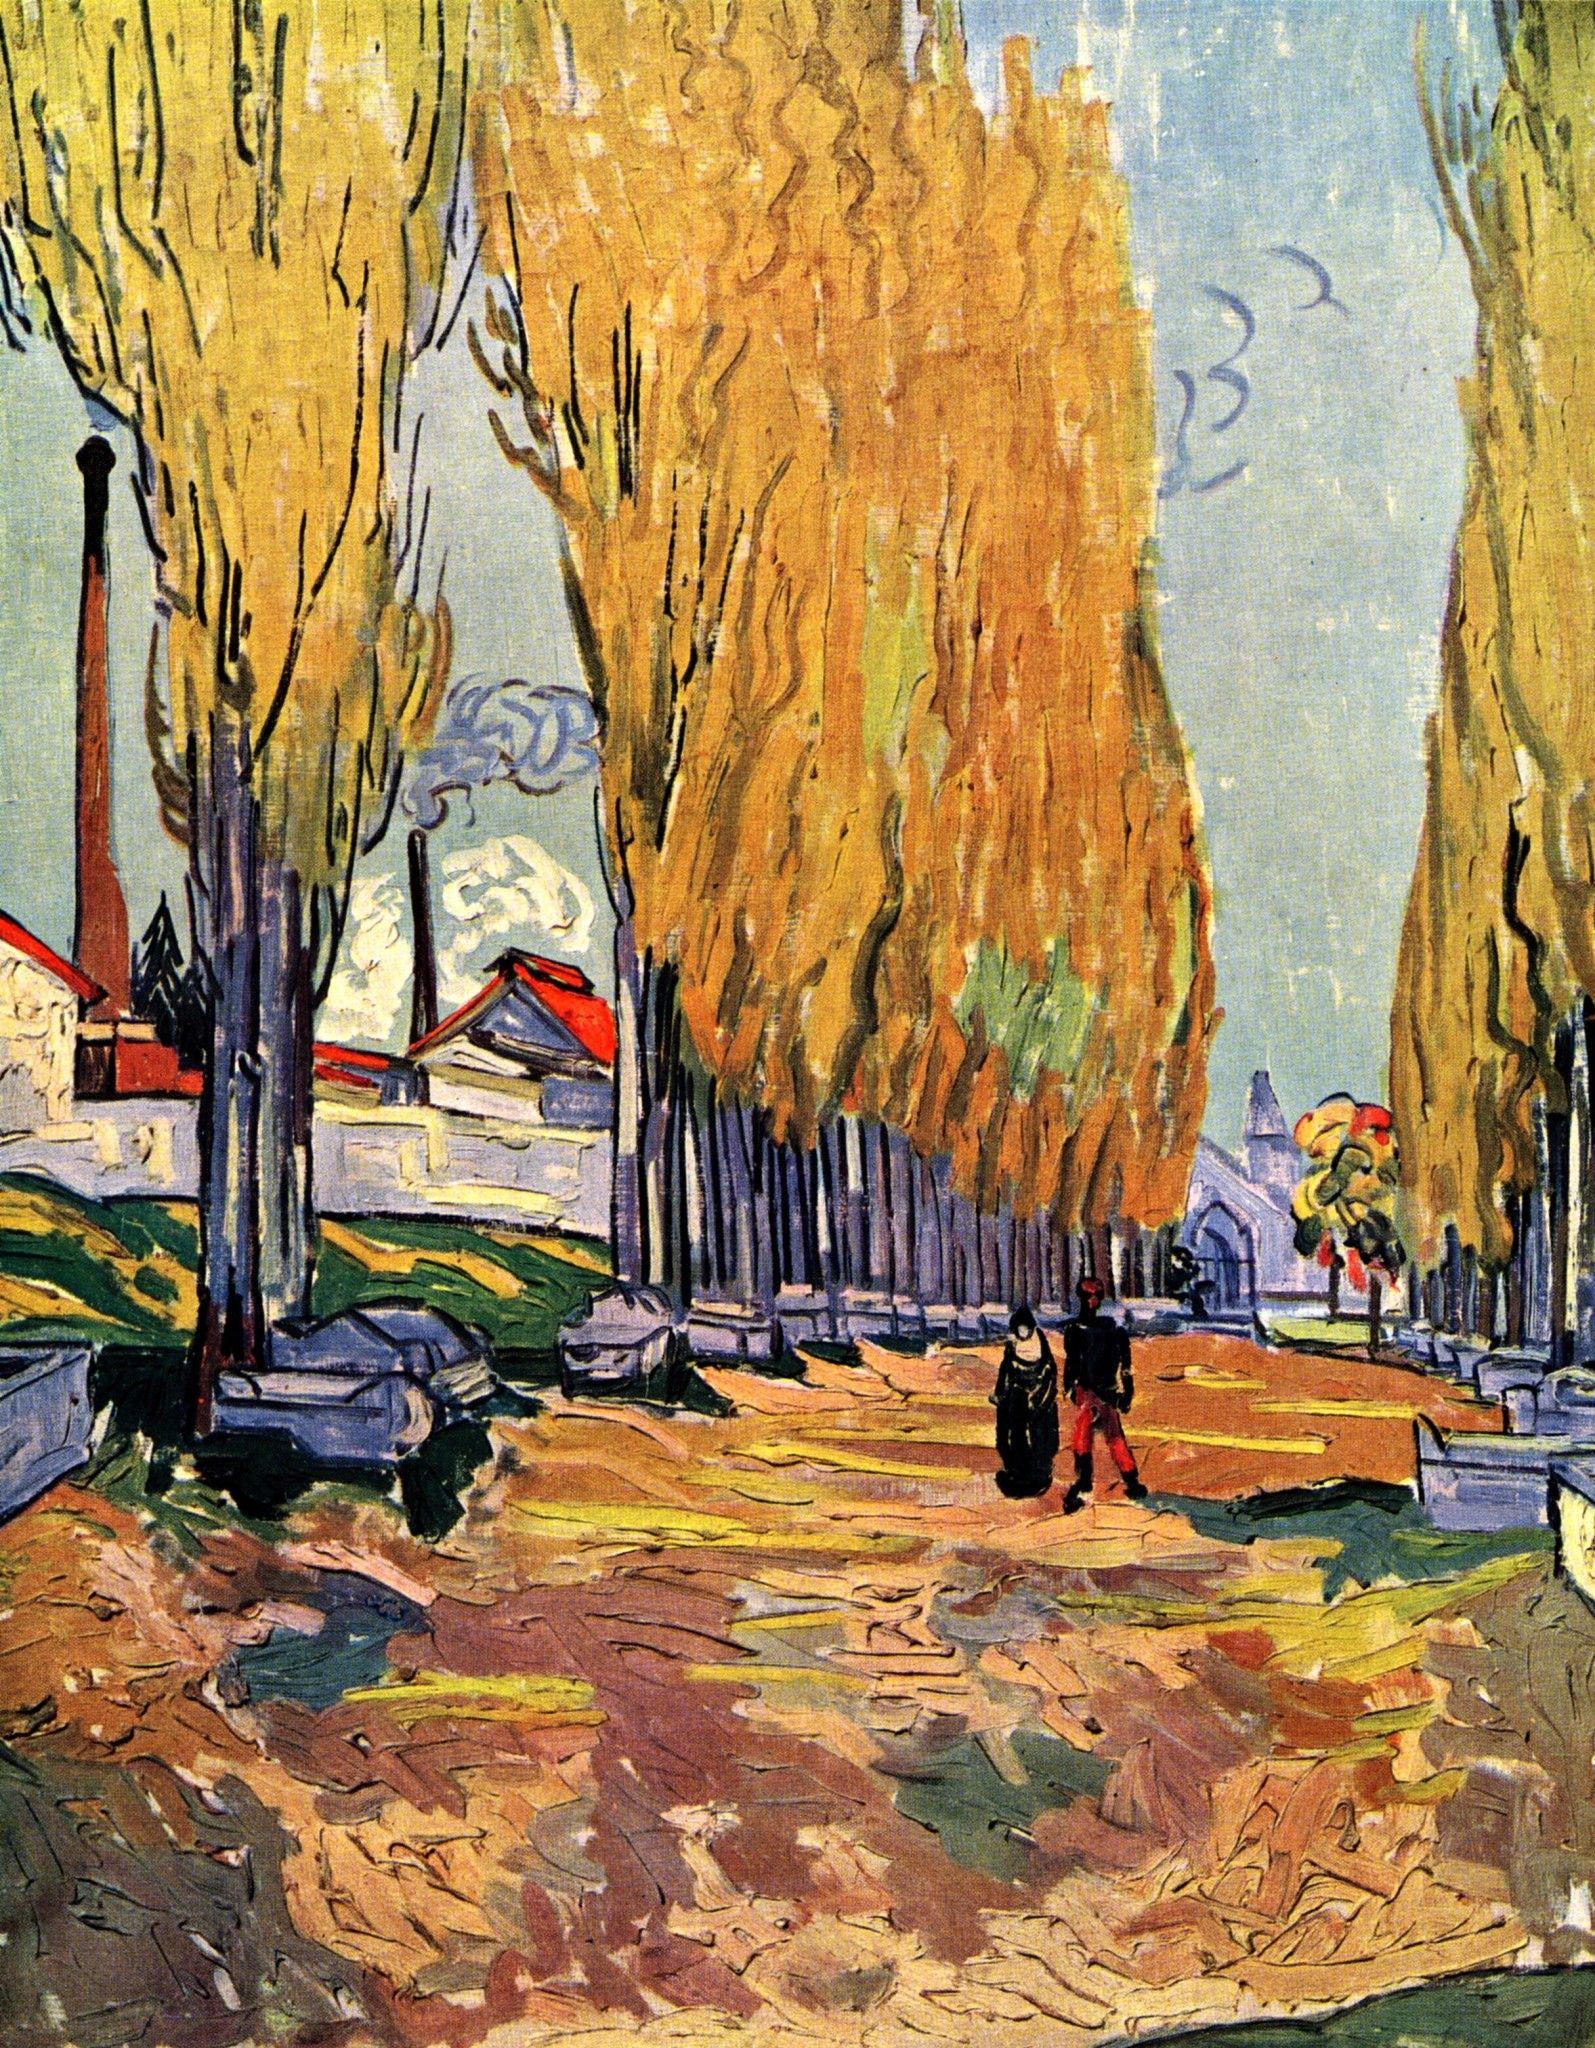 Les Alyscamps Vincent Van Gogh Fecha 1888 Arles Bouches Du Rhone France Estilo Posimpresionis Vincent Van Gogh Art Artist Van Gogh Van Gogh Art